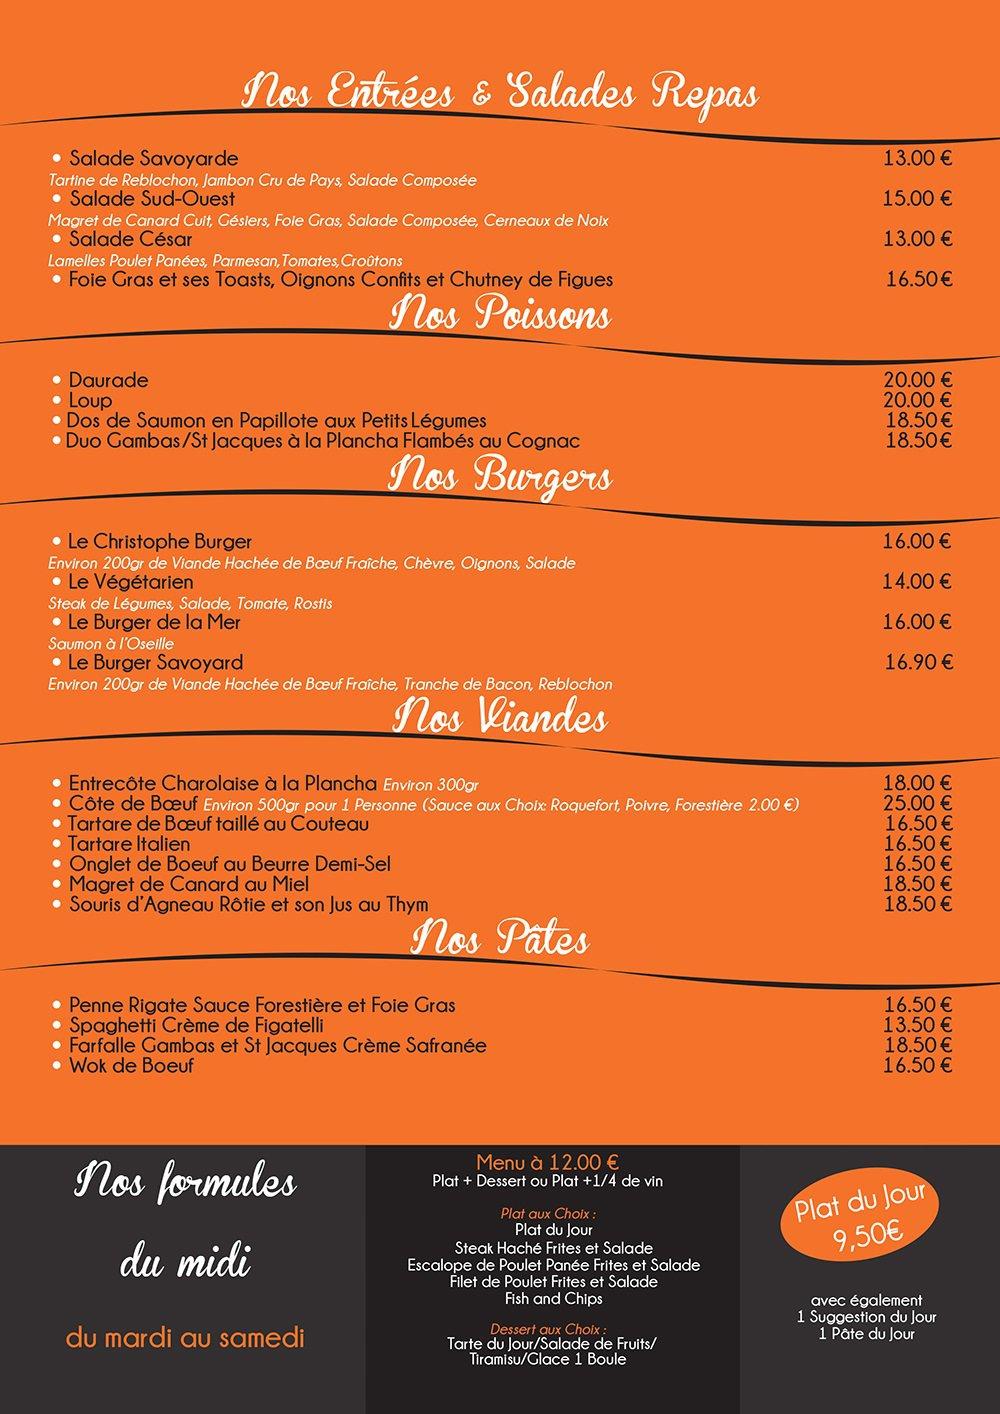 Caf christophe cabries carte menu et photos - Restaurant le bureau plan de campagne ...